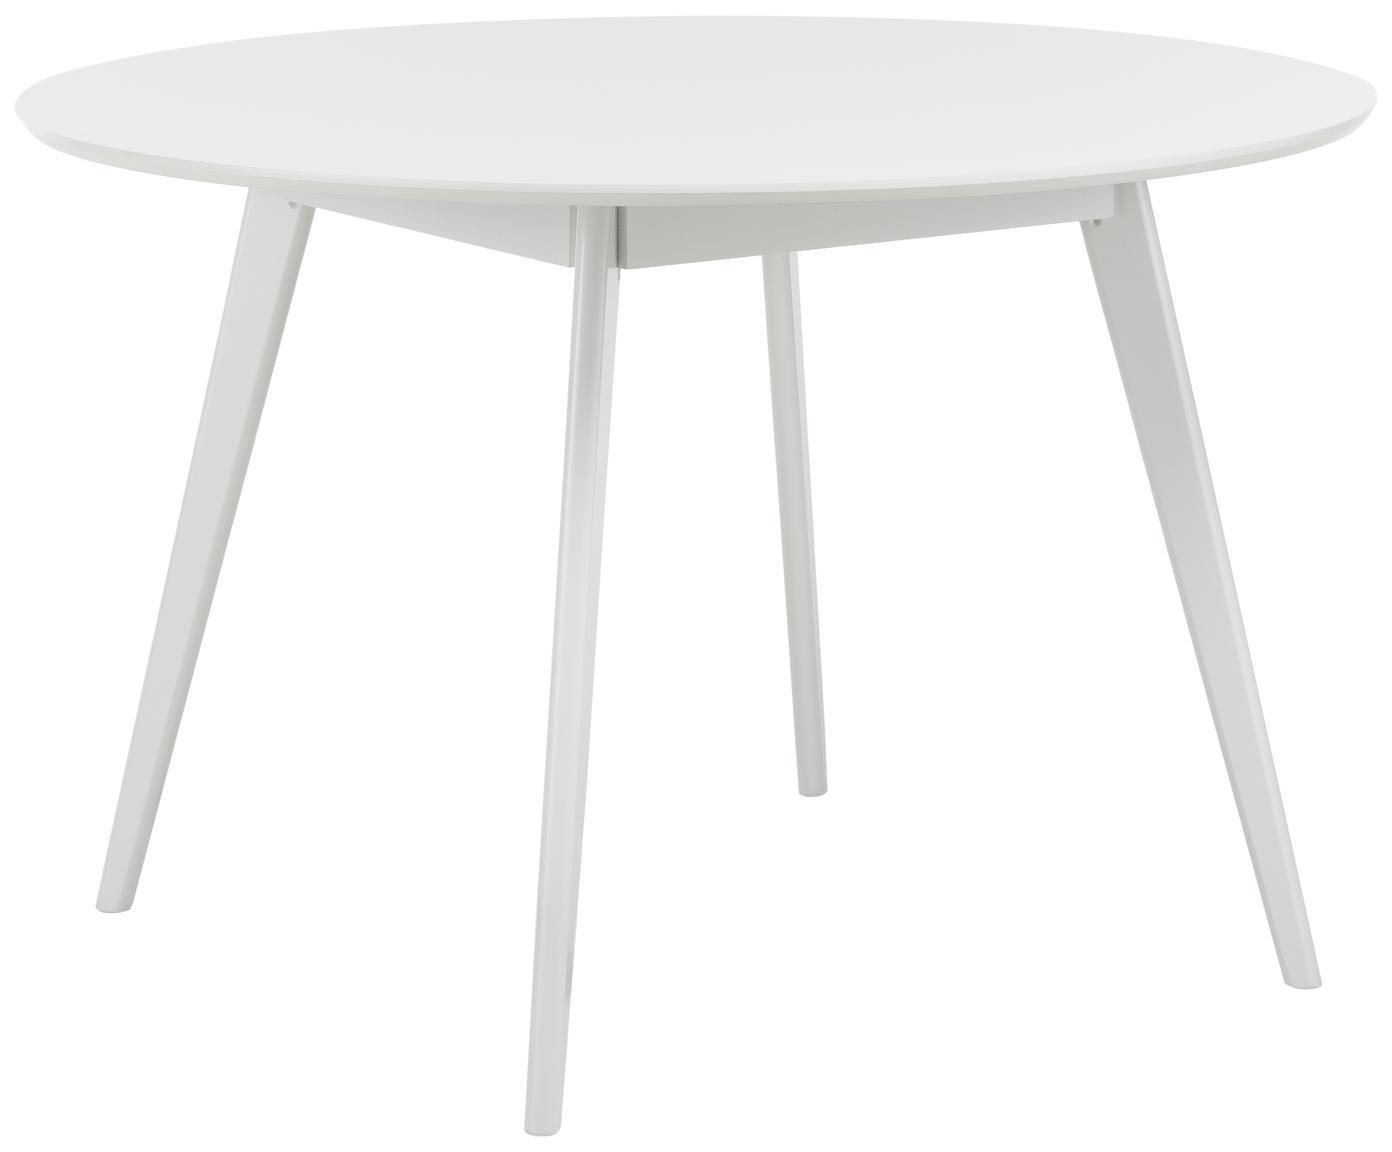 Tavolo rotondo in legno Yumi, Piano d'appoggio: pannello di fibra a media, Gambe: caucciù massello e vernic, Bianco, Ø 115 cm